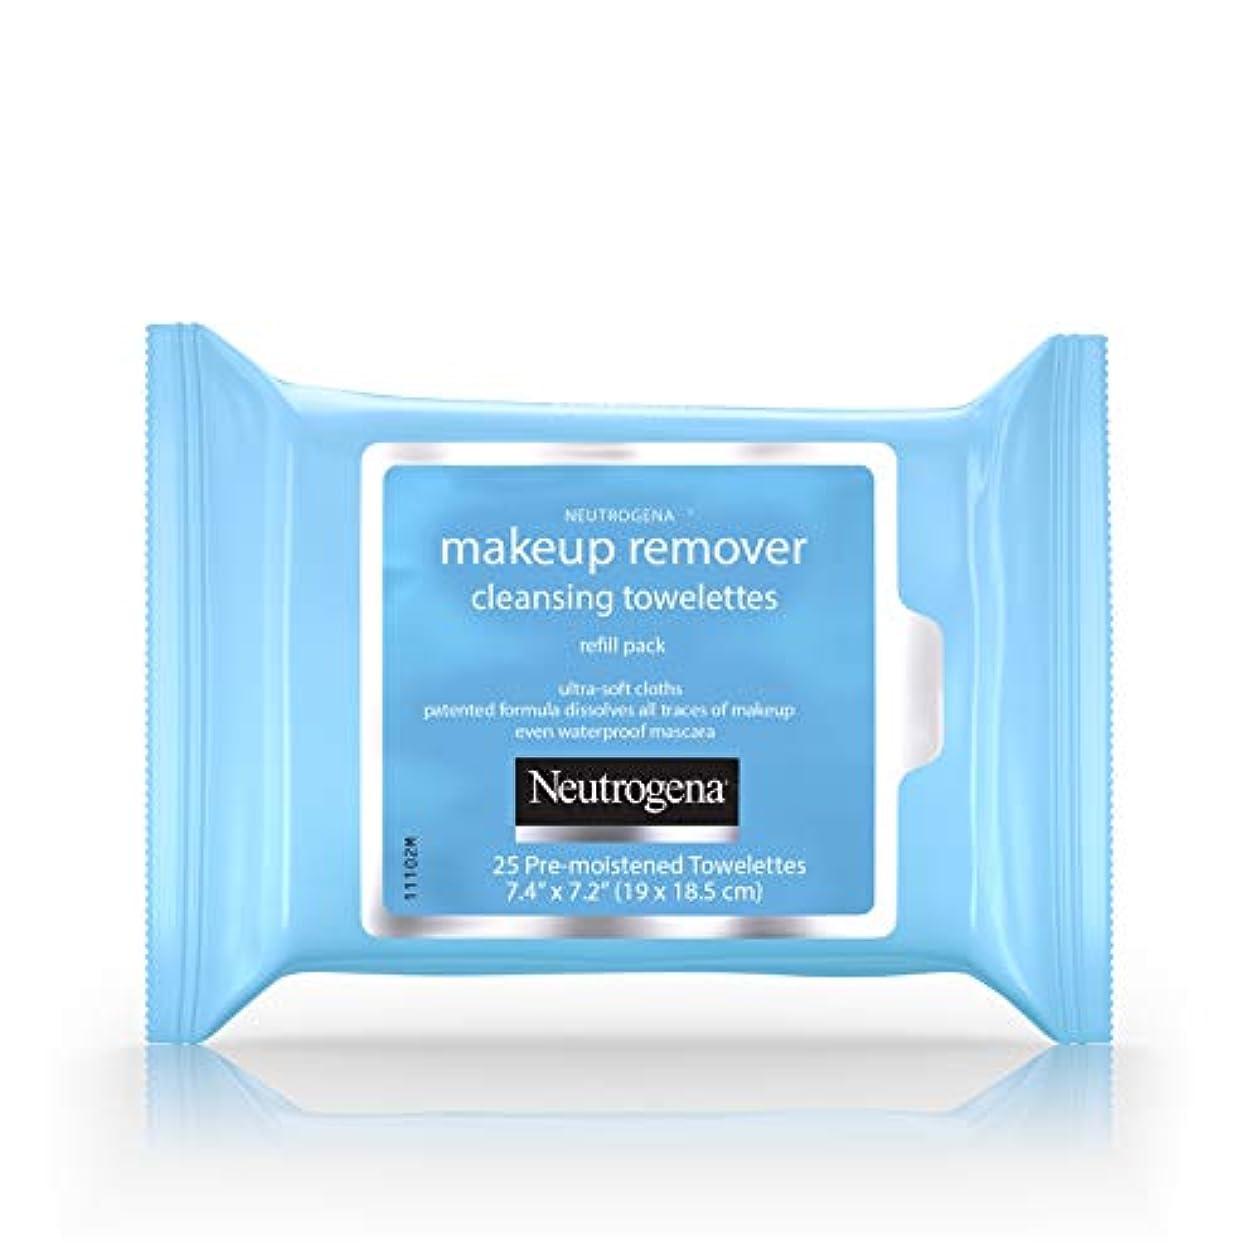 乱暴な若さエゴマニアNeutrogena Make-up Remover Cleansing Towelettes Refill Pack 25 Pc (並行輸入品)